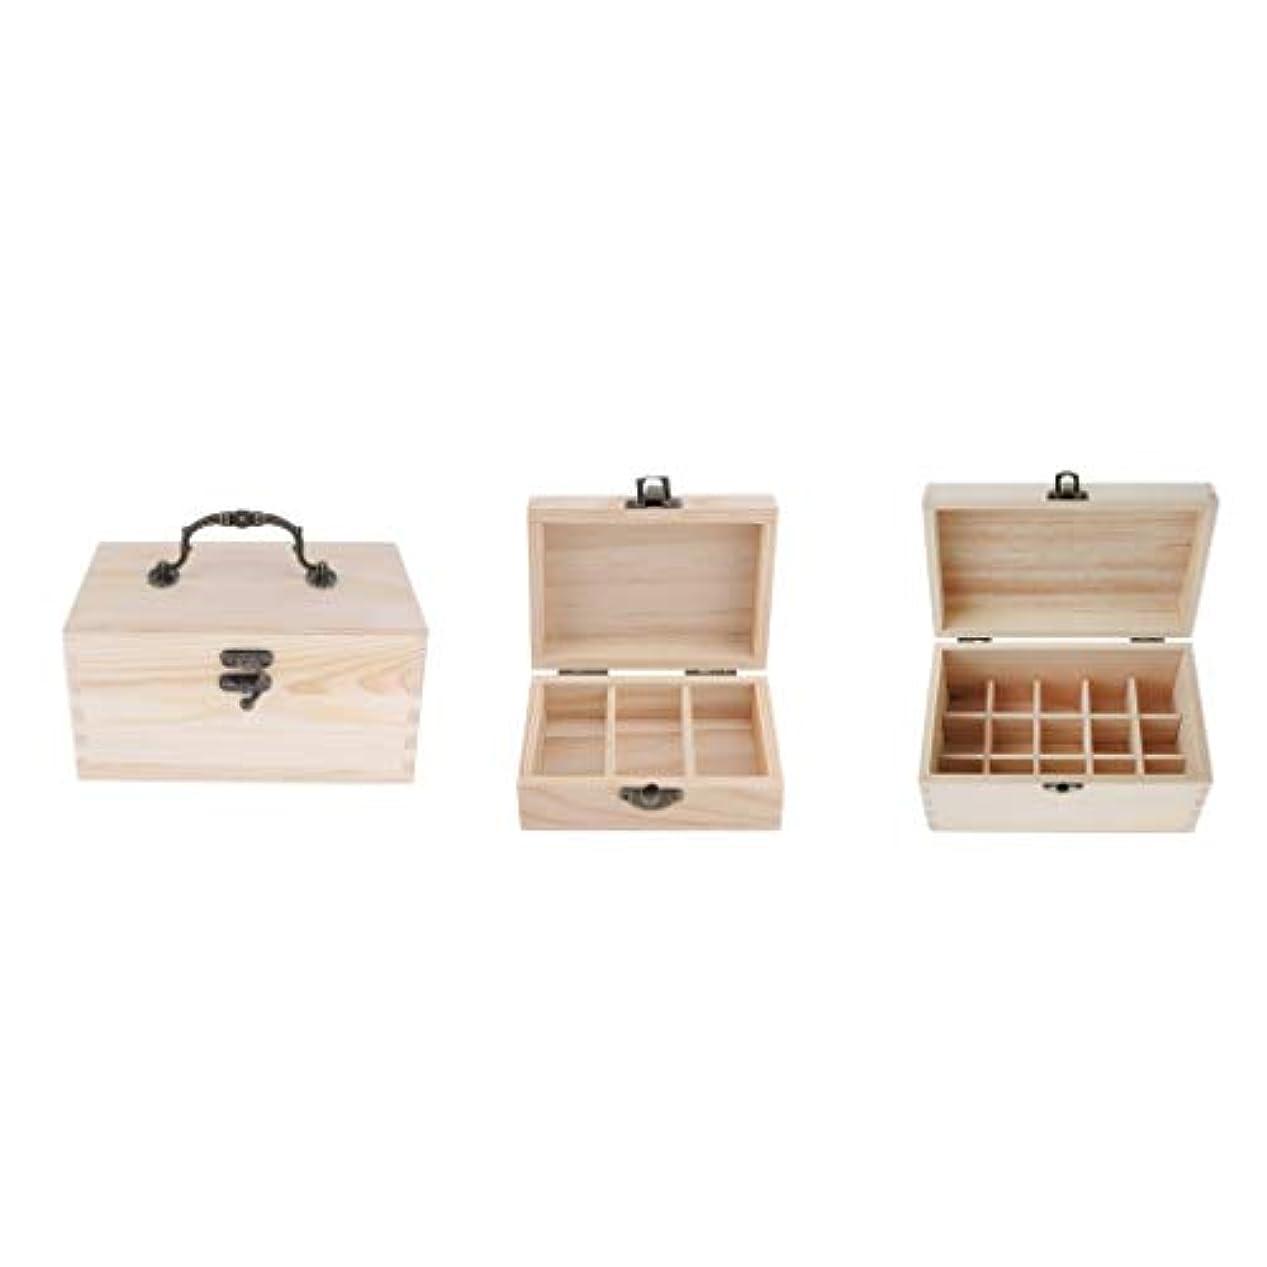 ジョブ熱エスカレートエッセンシャルオイル収納ボックス 精油収納ケース 超大容量 木製 精油収納 香水収納ケース 携帯用 3個入